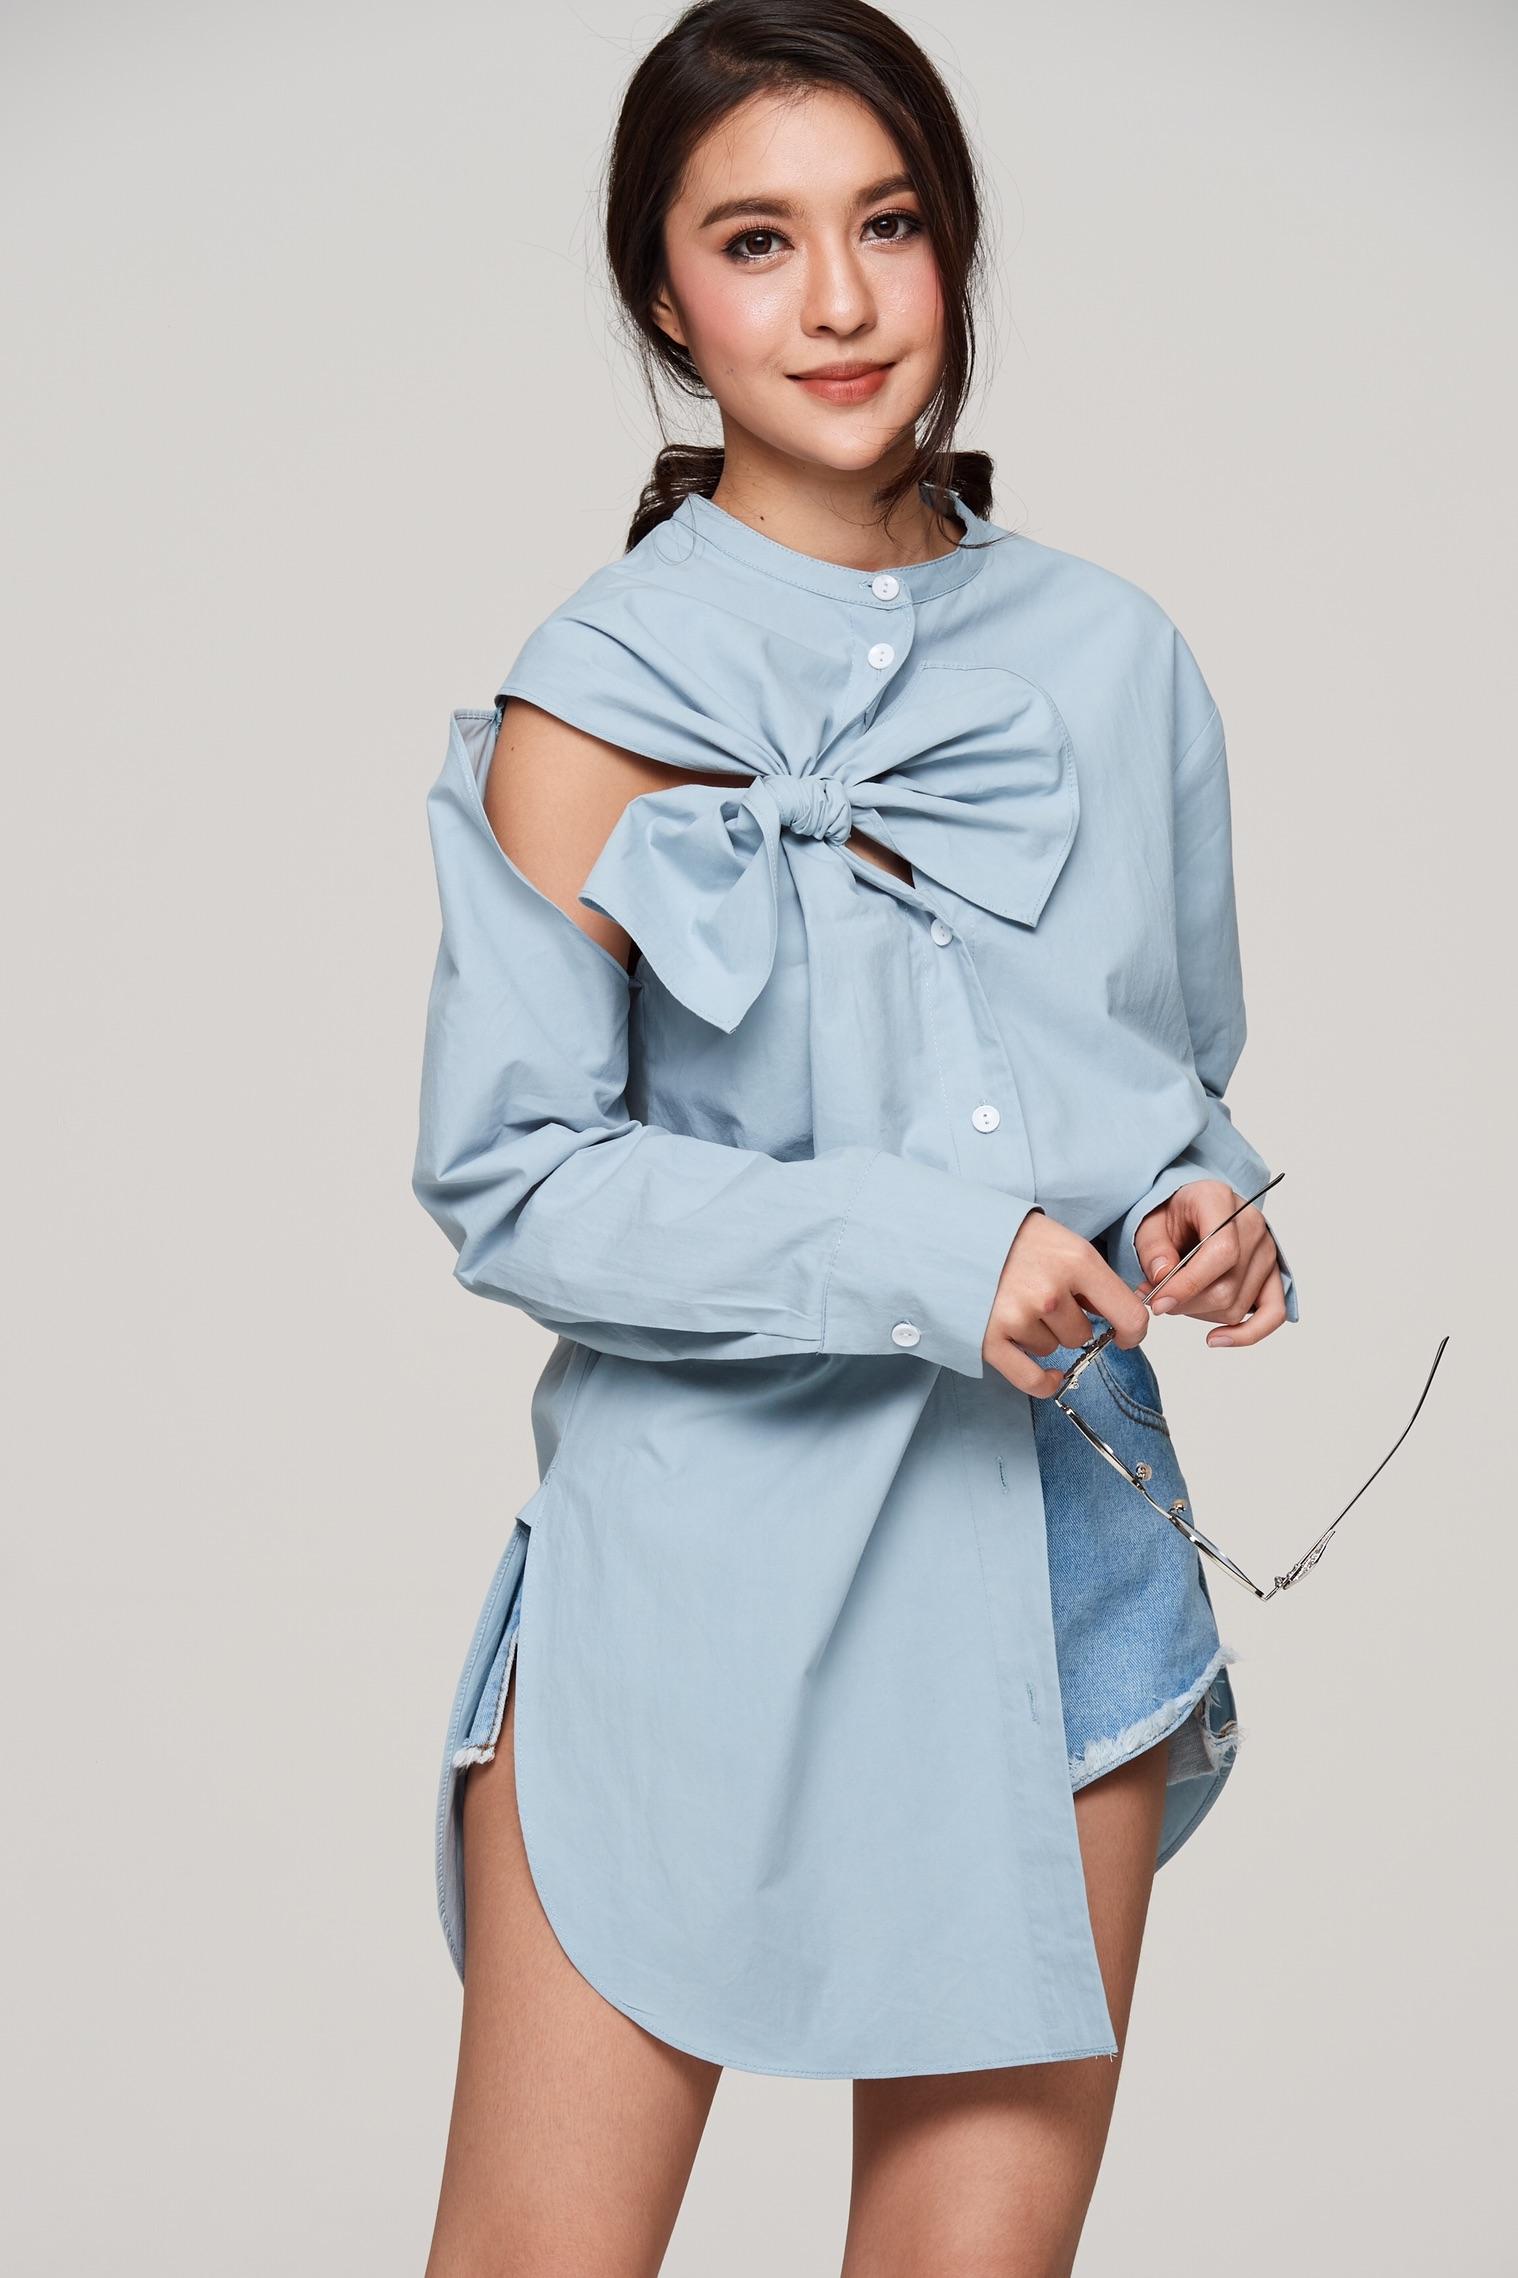 เสื้อเชิ้ตแฟชั่นสีฟ้า